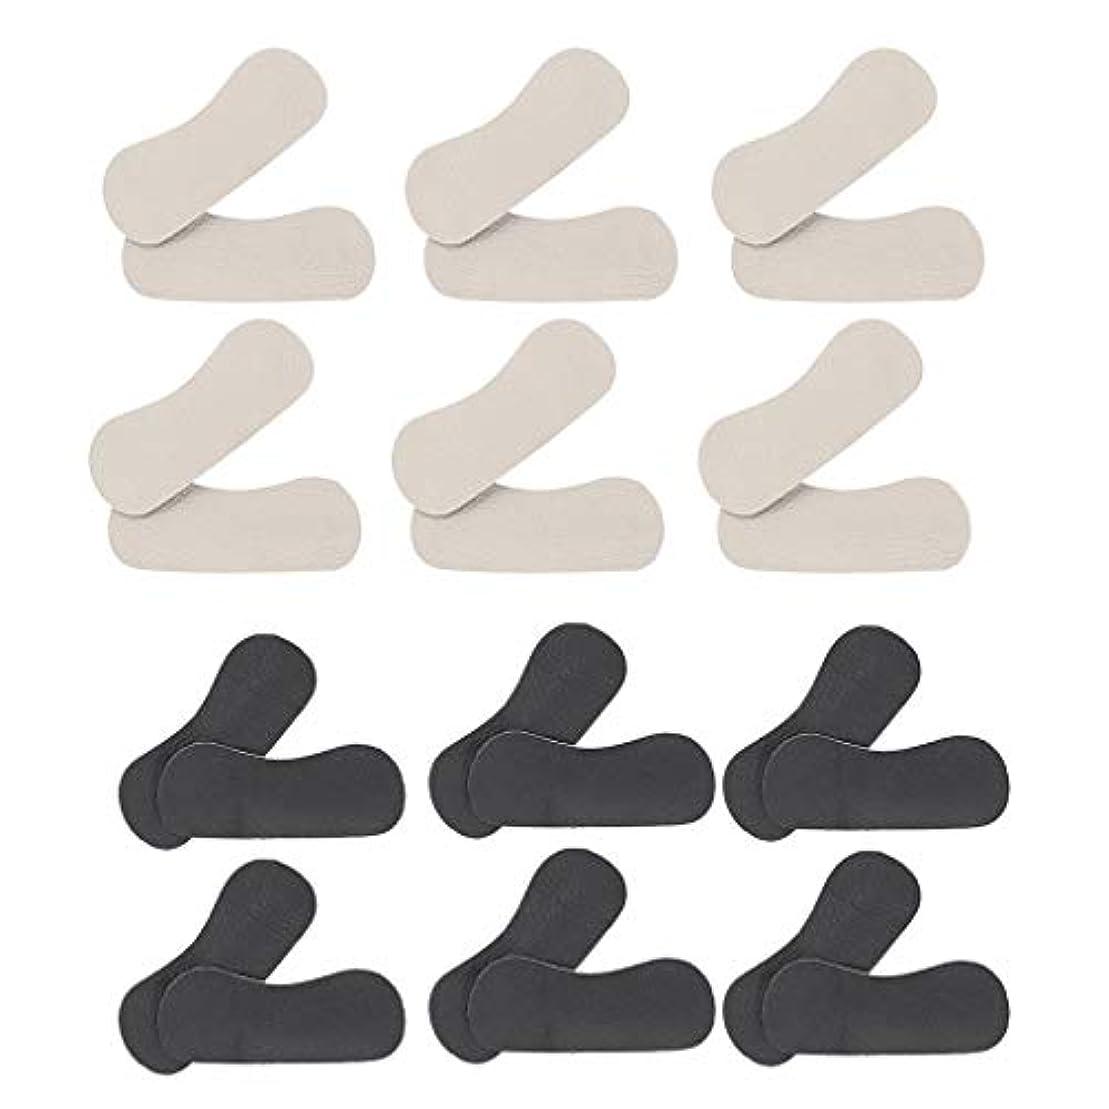 内向きいとこ霊dailymall 靴擦れ防止 かかと パッドクッション かかとパッド フットケア プロテクター 滑り止め